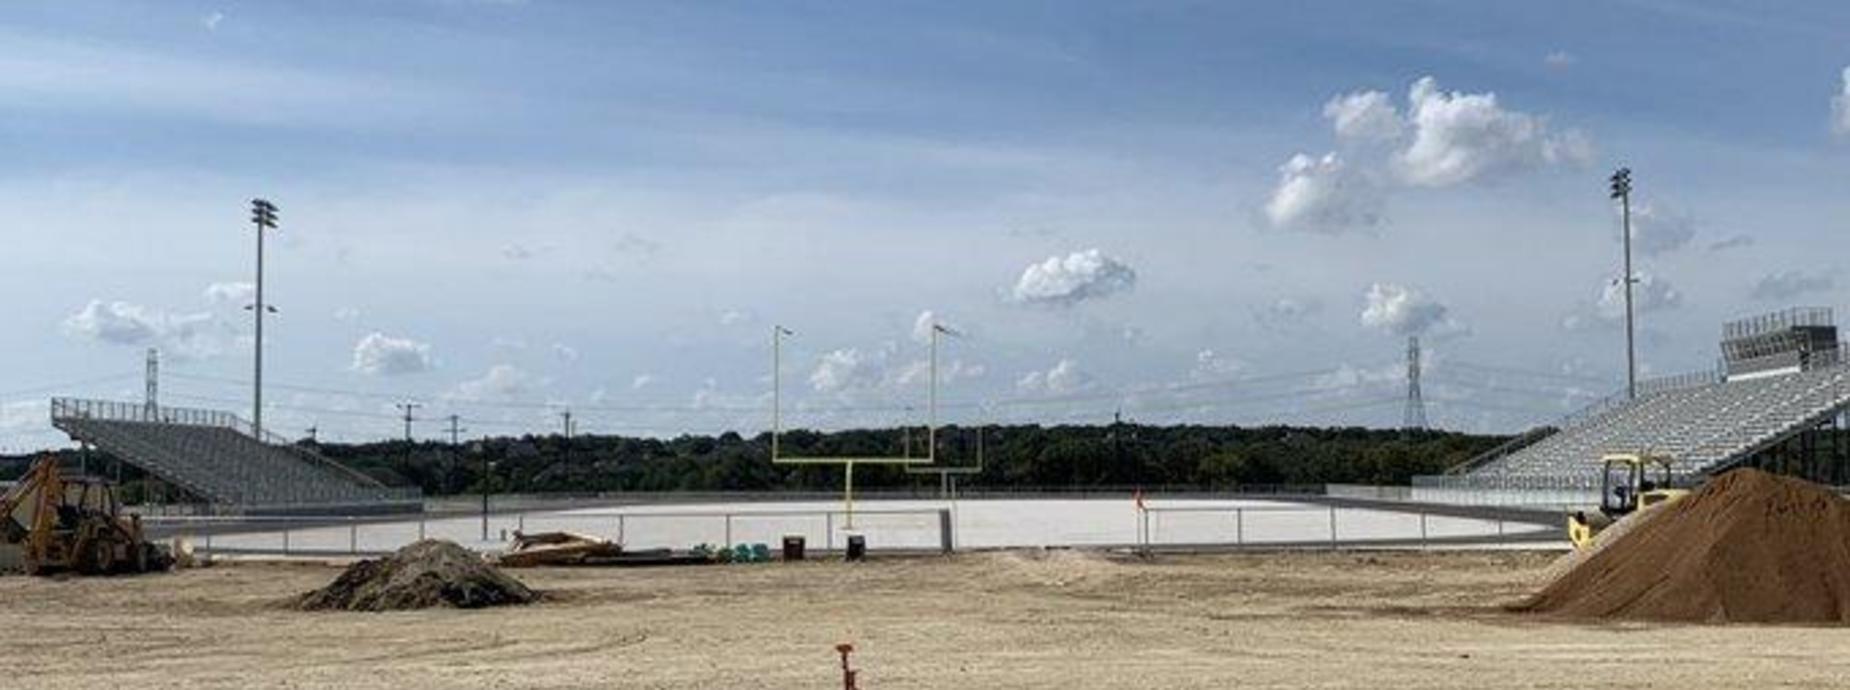 Davenport High School Football Field